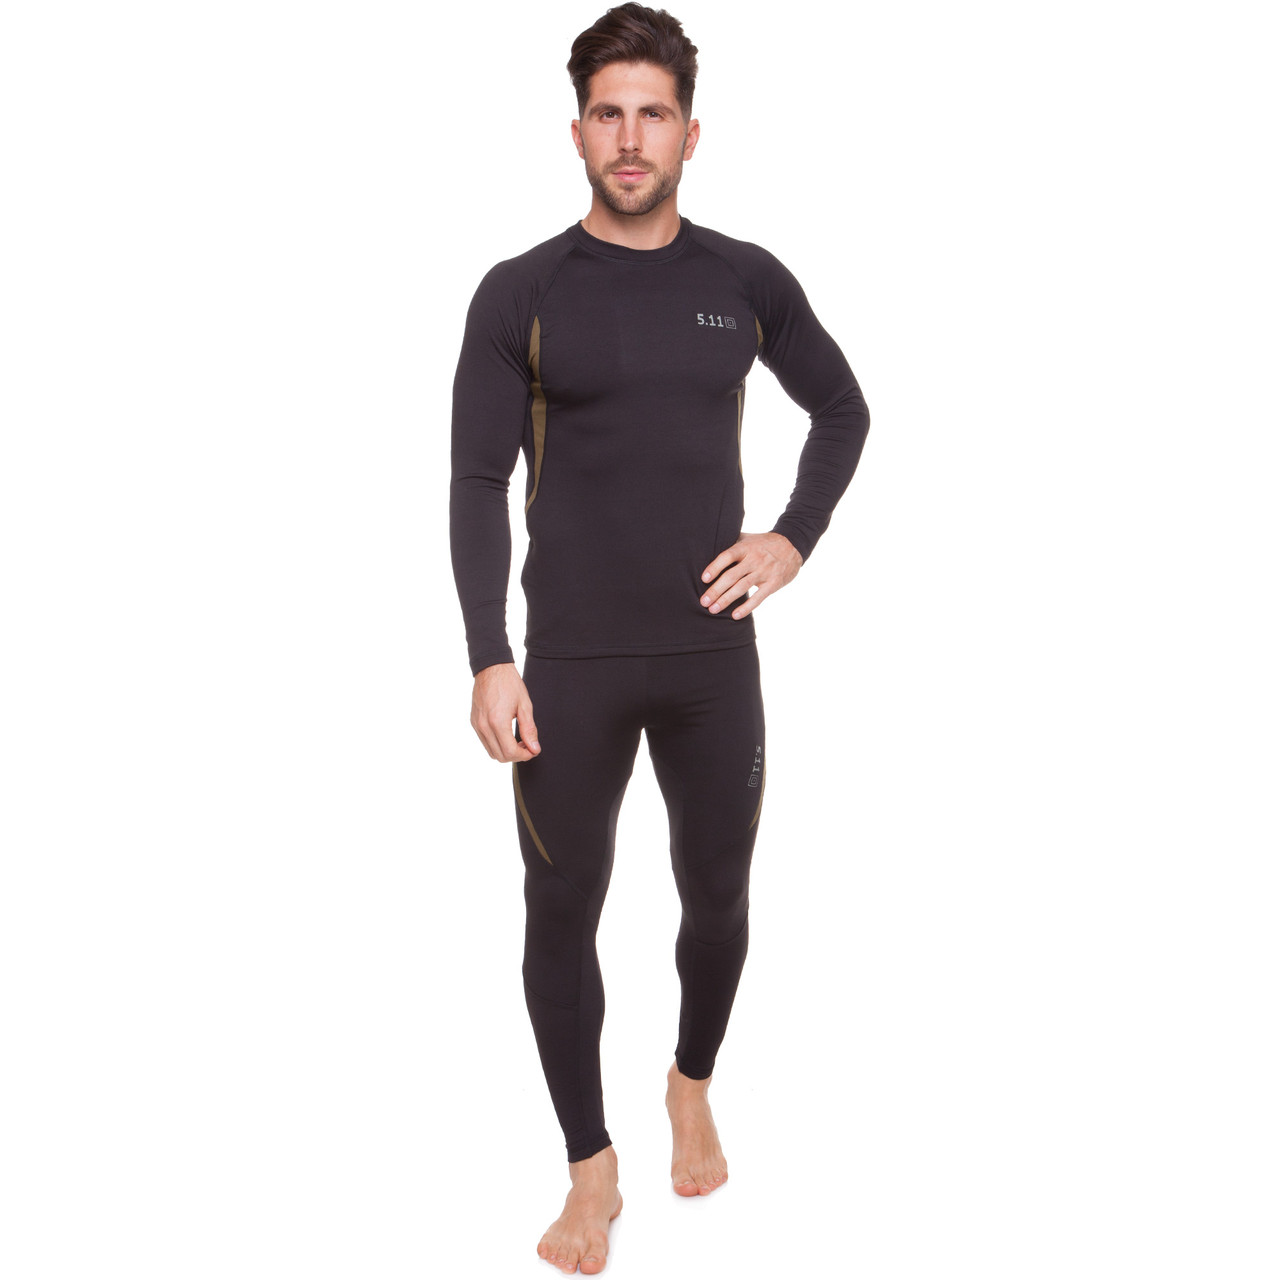 Термобельё мужское для холодной погоды 5.11 51123 размер M-XL (46-54) черный